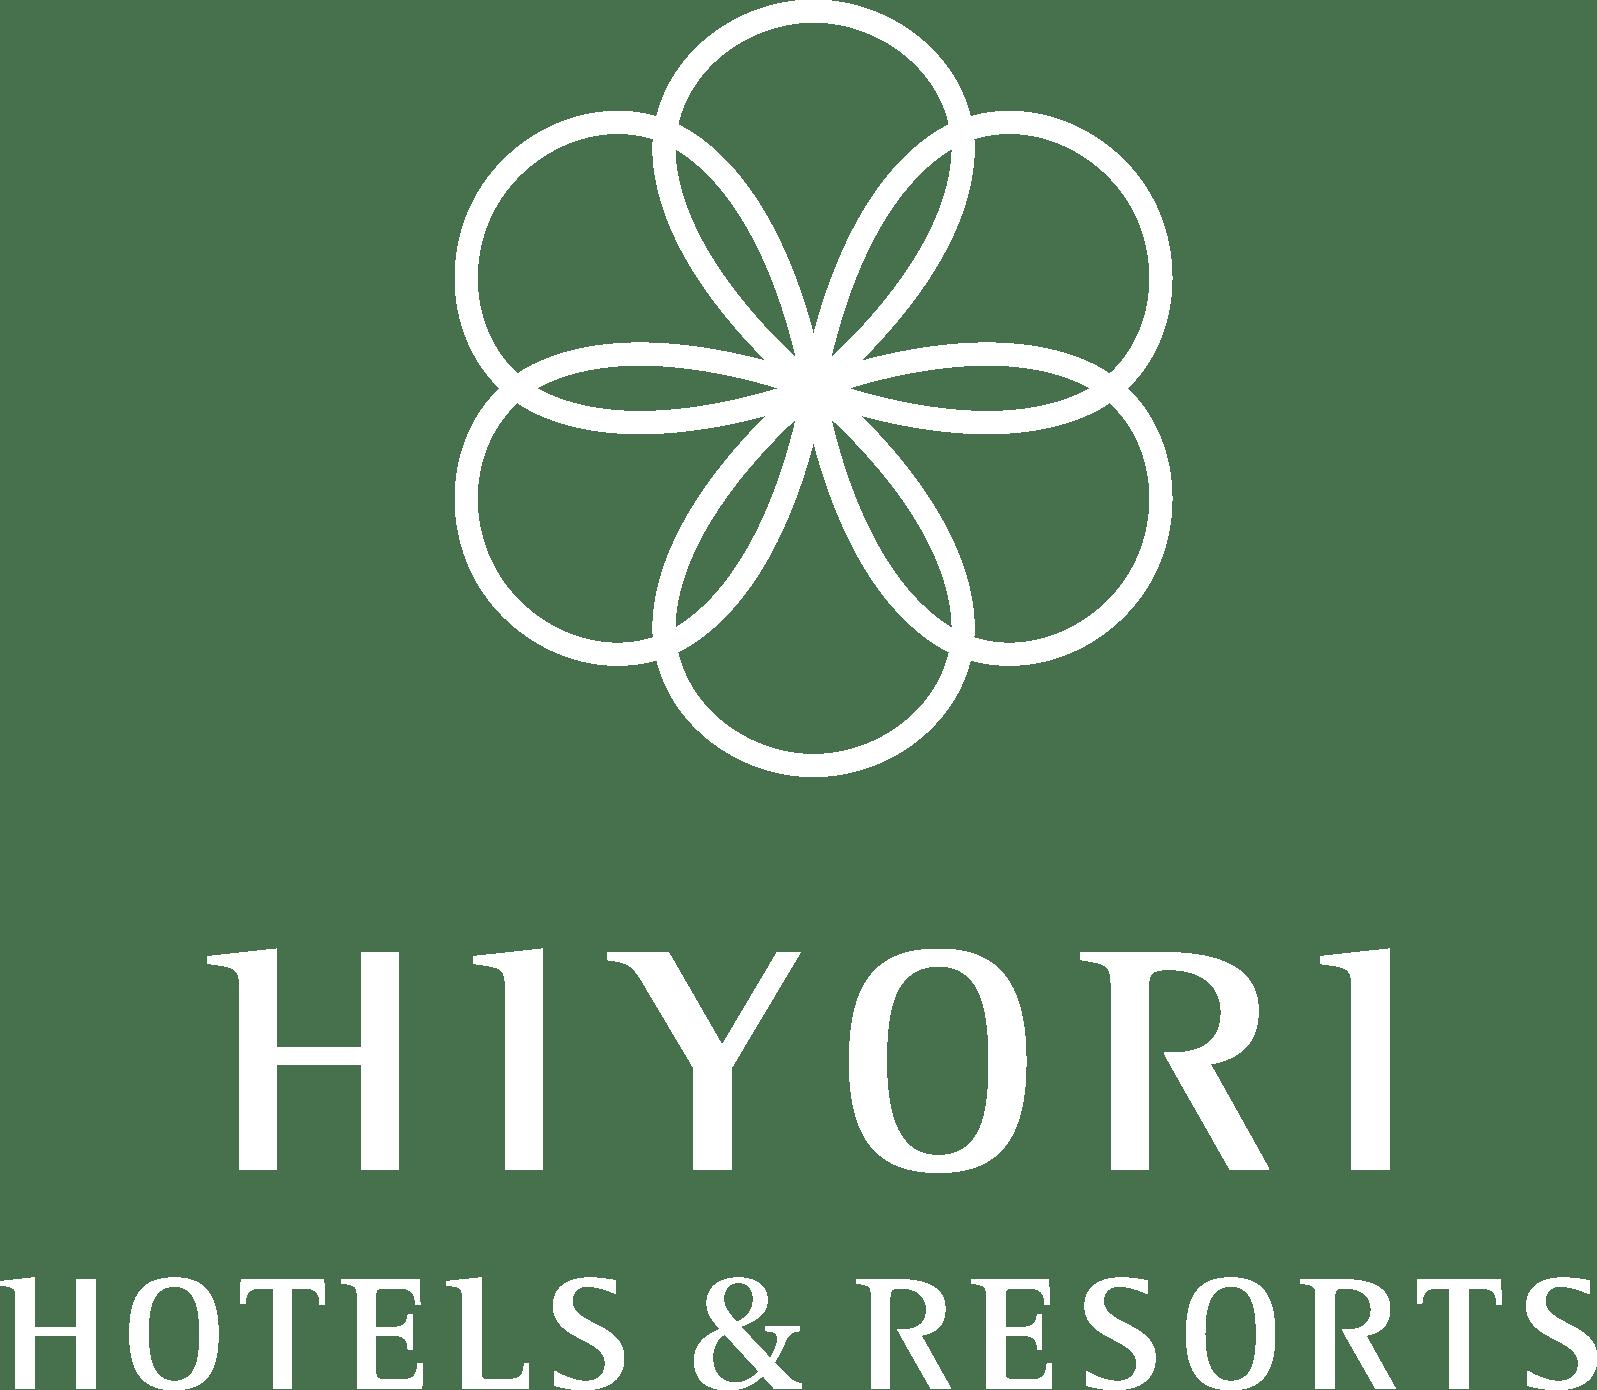 《ベストレート保証》日和ホテルズリゾーツ&グループ会員様用サイト